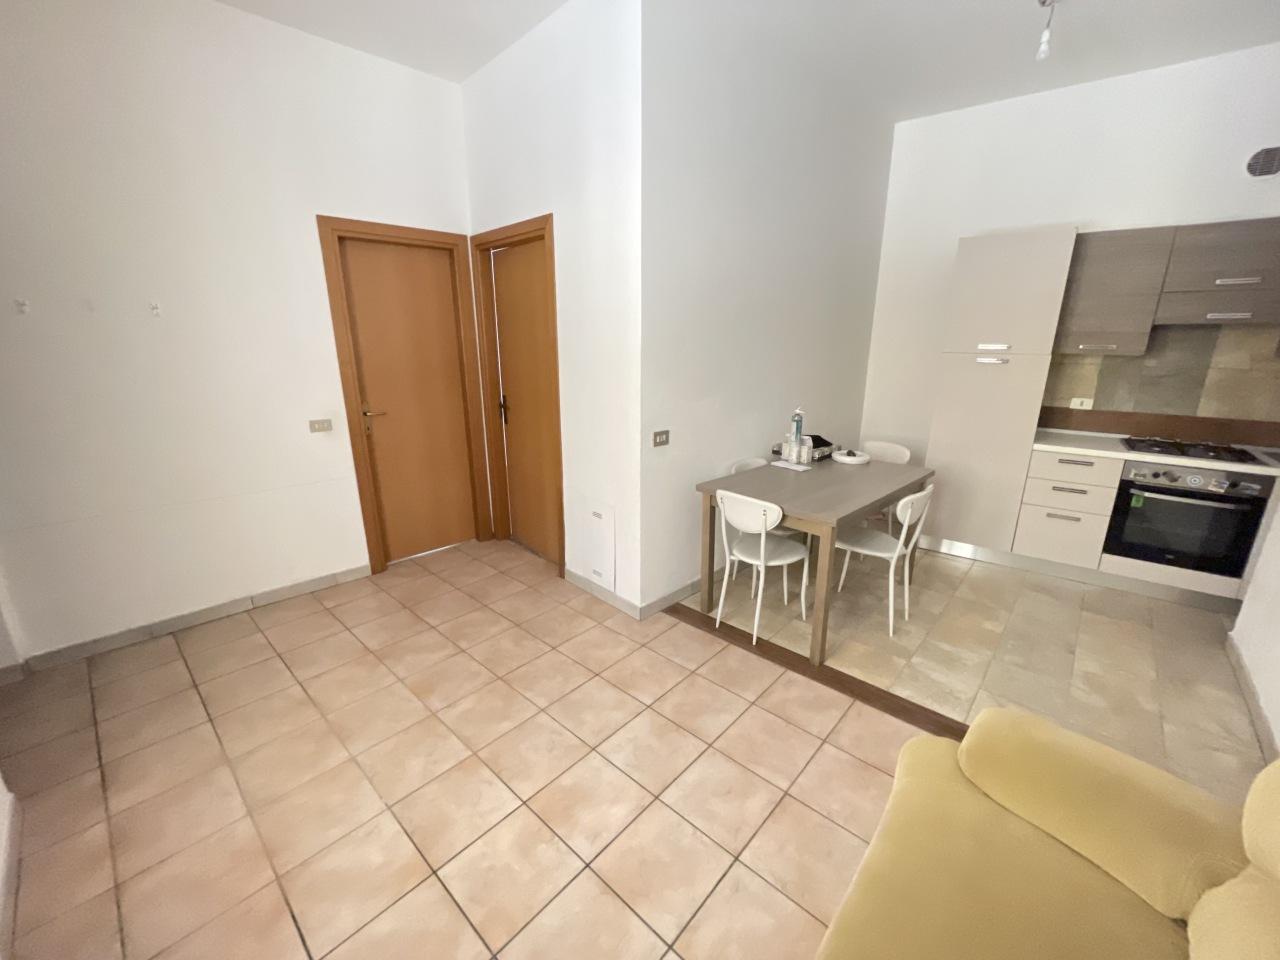 Appartamento in vendita a Chiari, 9999 locali, prezzo € 75.000 | CambioCasa.it